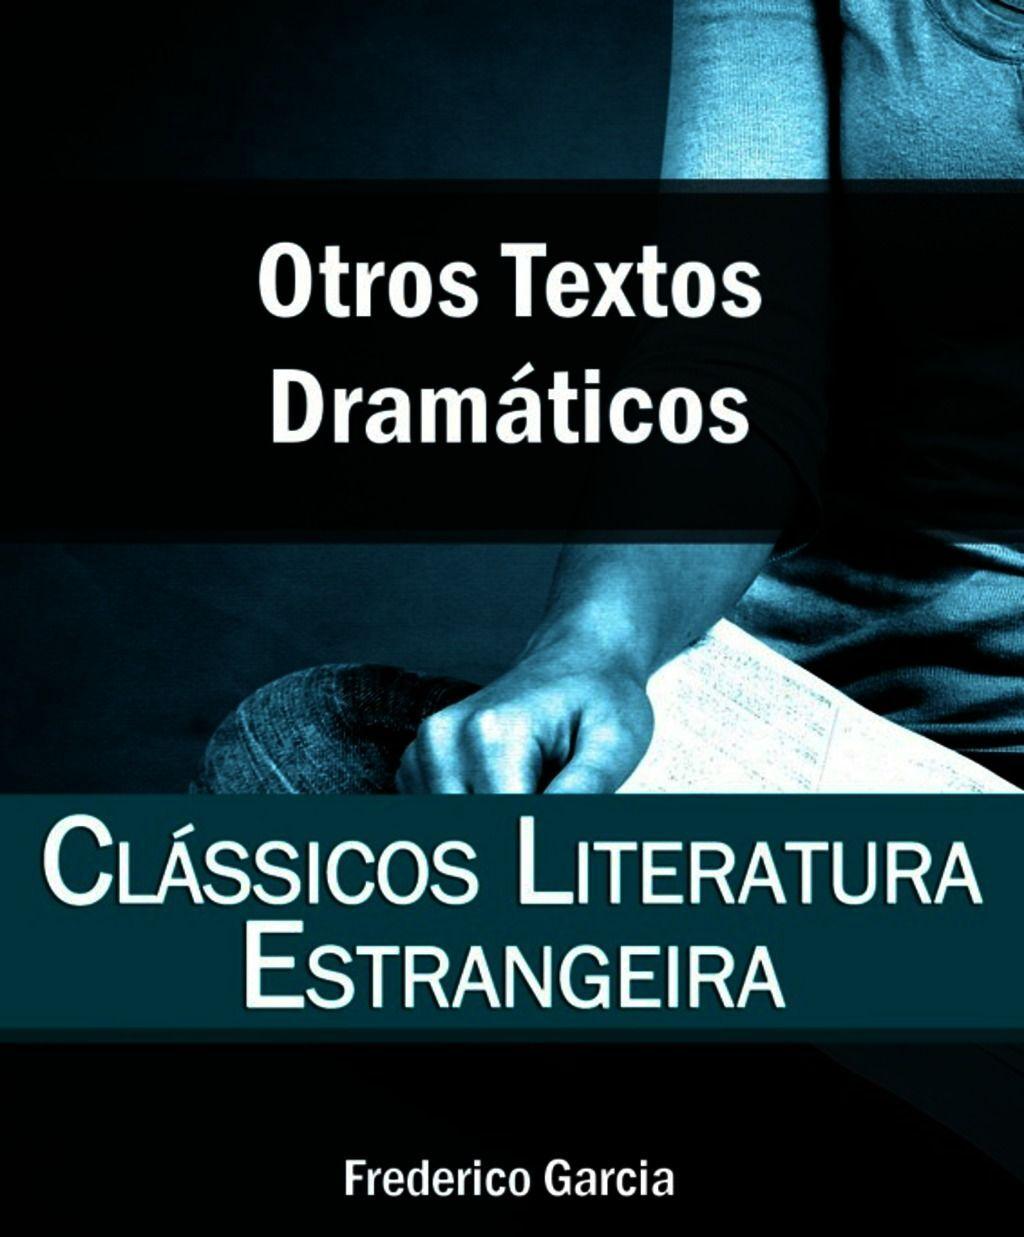 Otros Textos Dramaticos